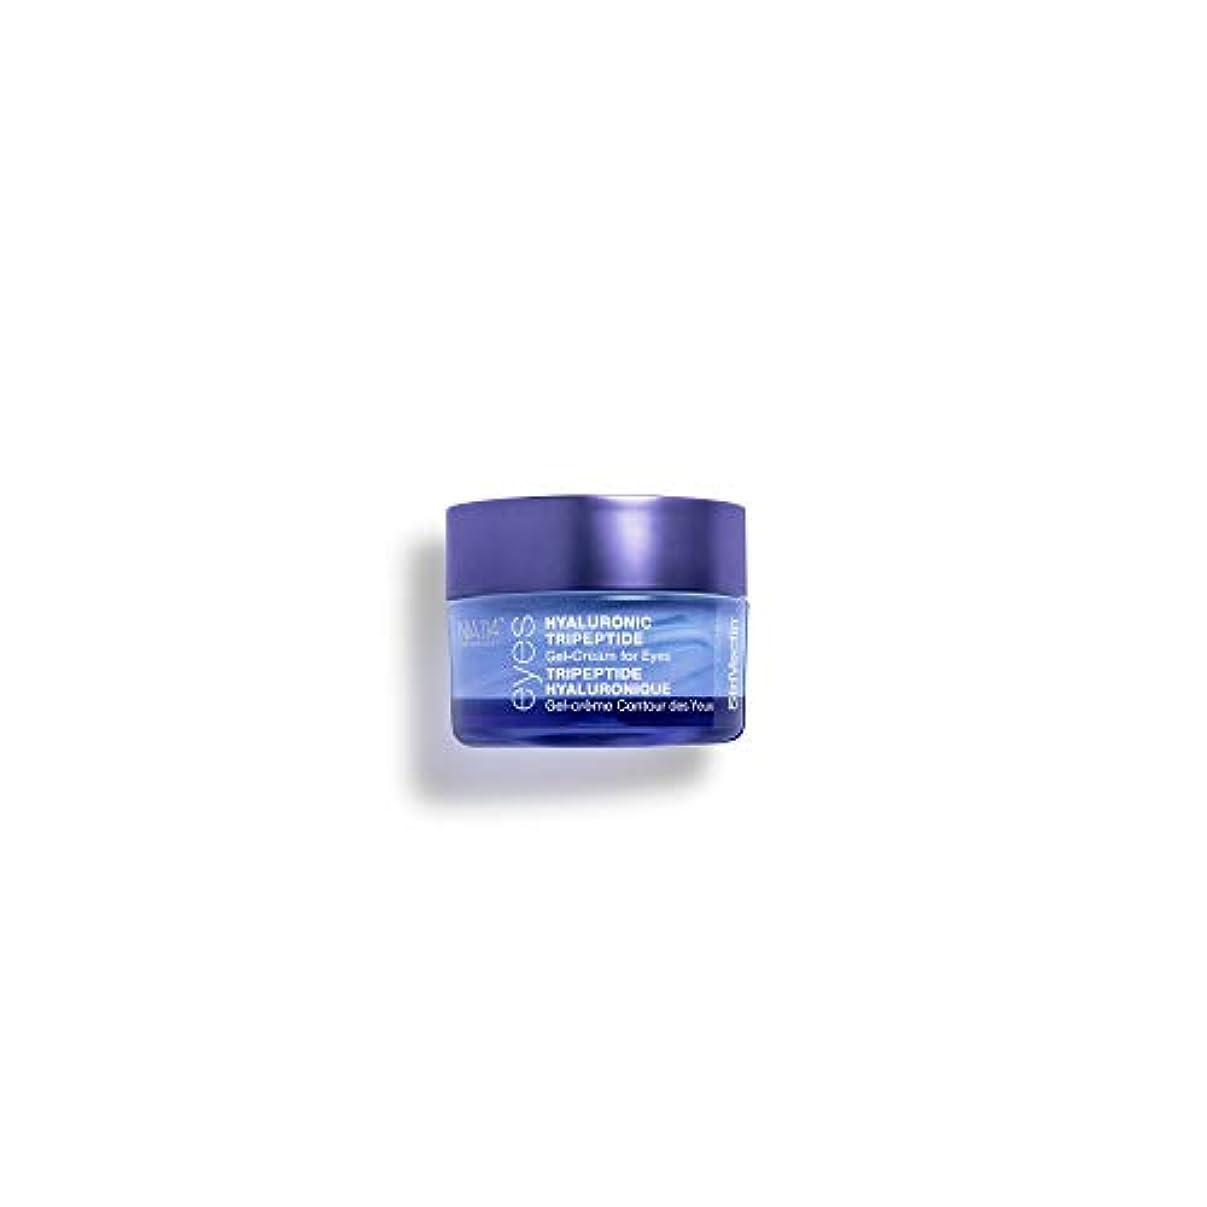 マウス傷跡変装Hyaluronic Tripeptide Gel-Cream for Eyes